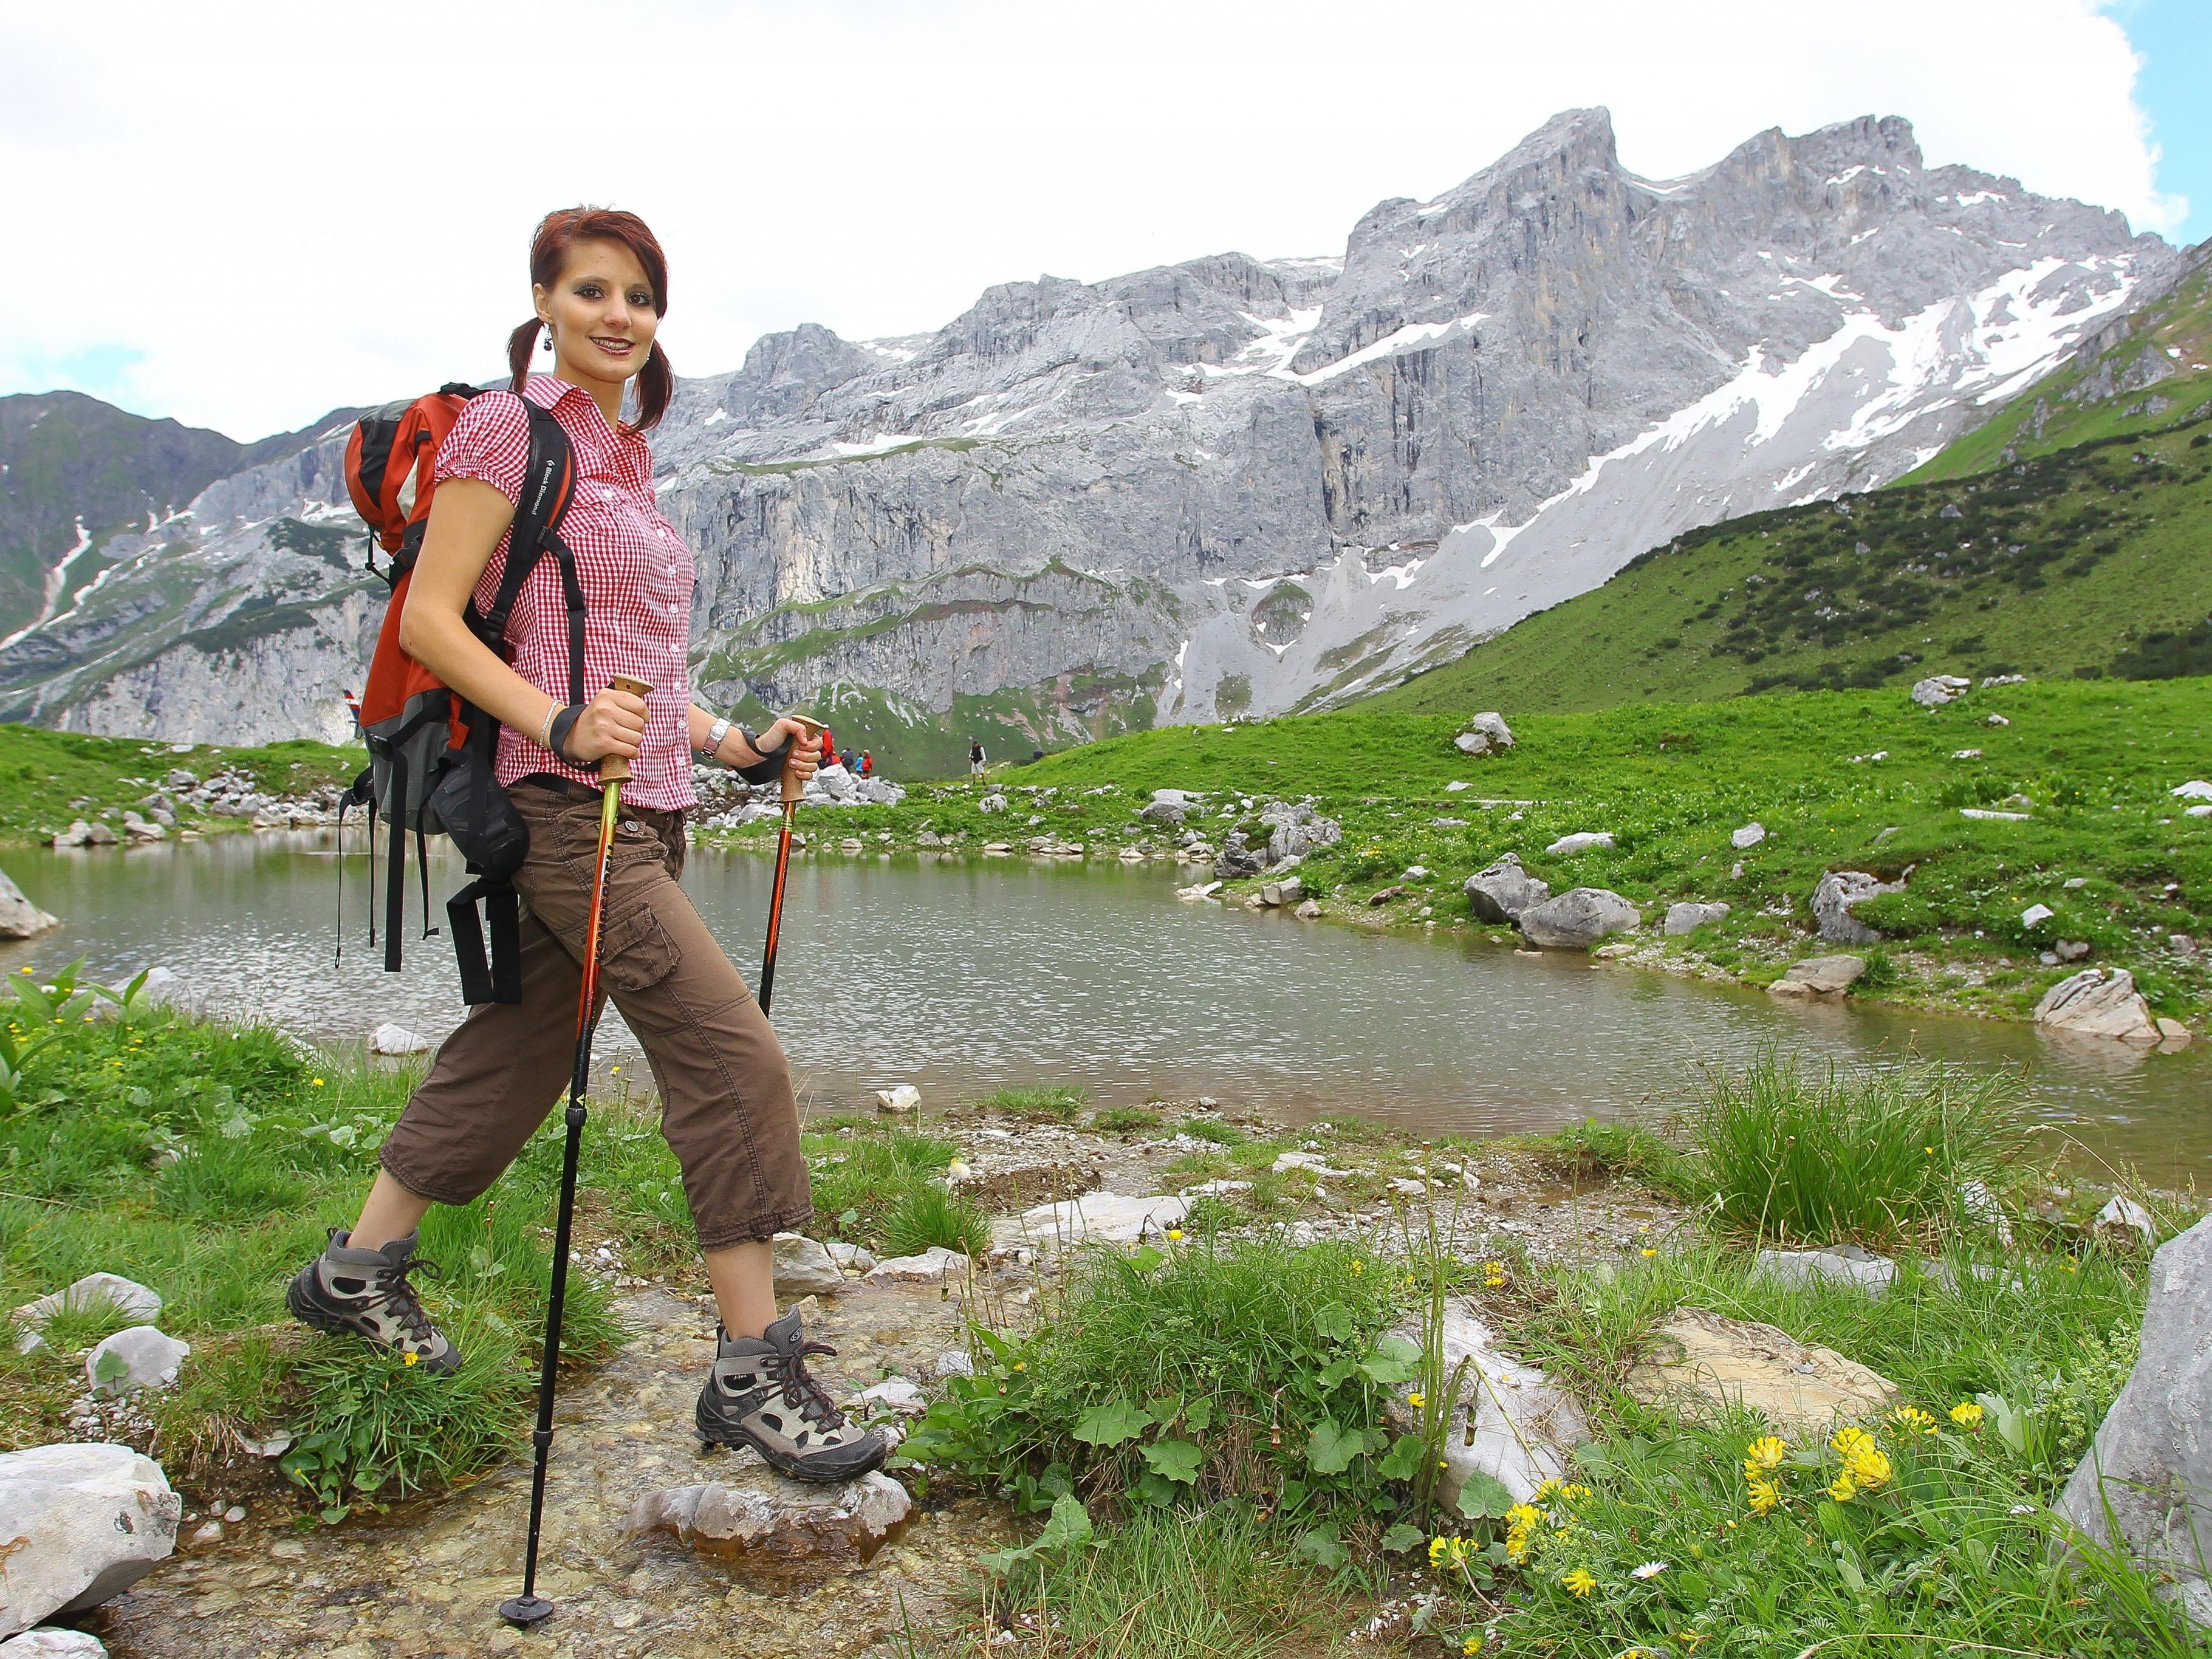 Auch im Sommer zählen die heimischen Berge als Erholungsort.